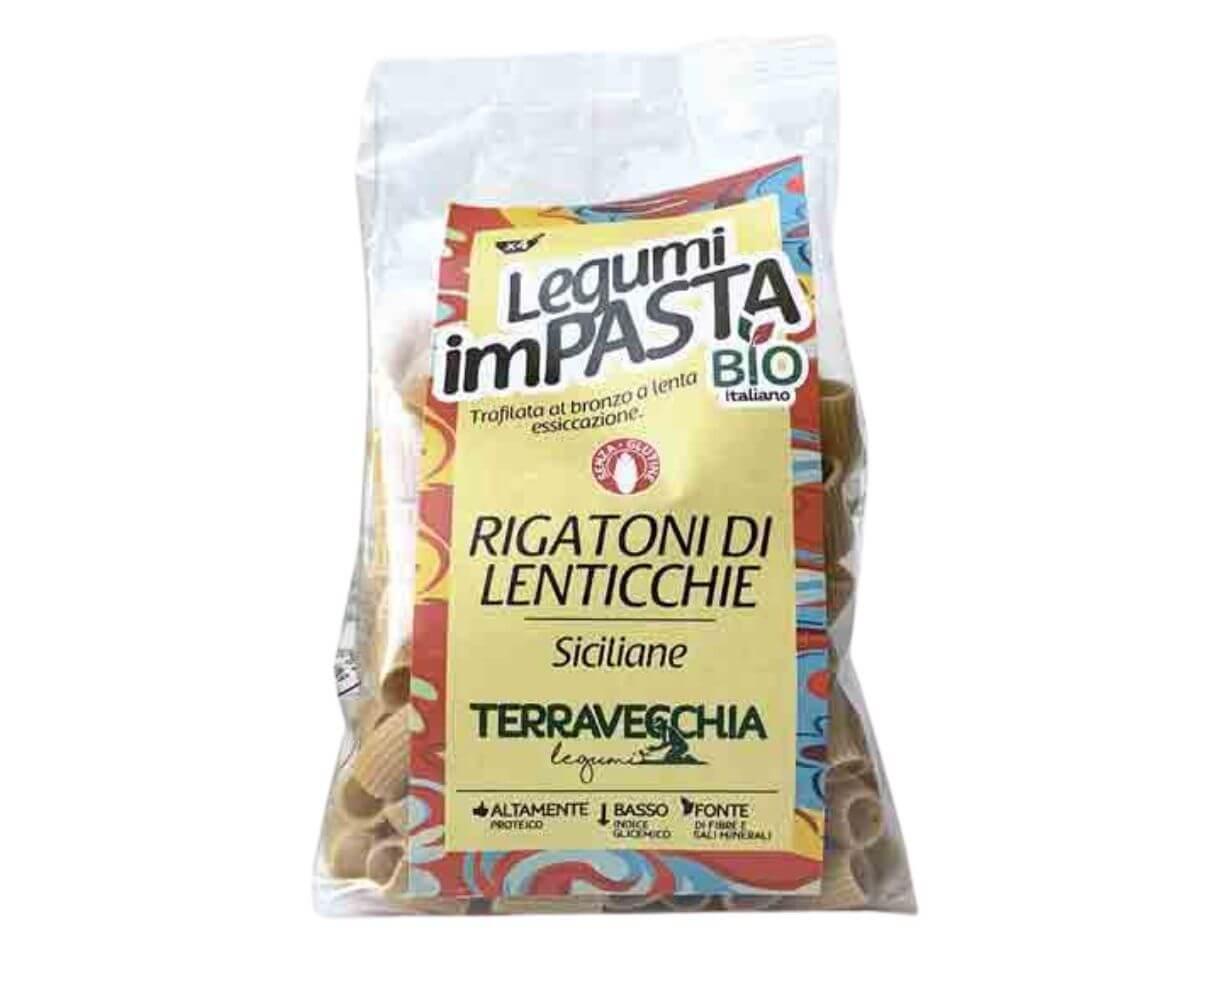 Rigatoni di lenticchie bio Terravecchia 250gr